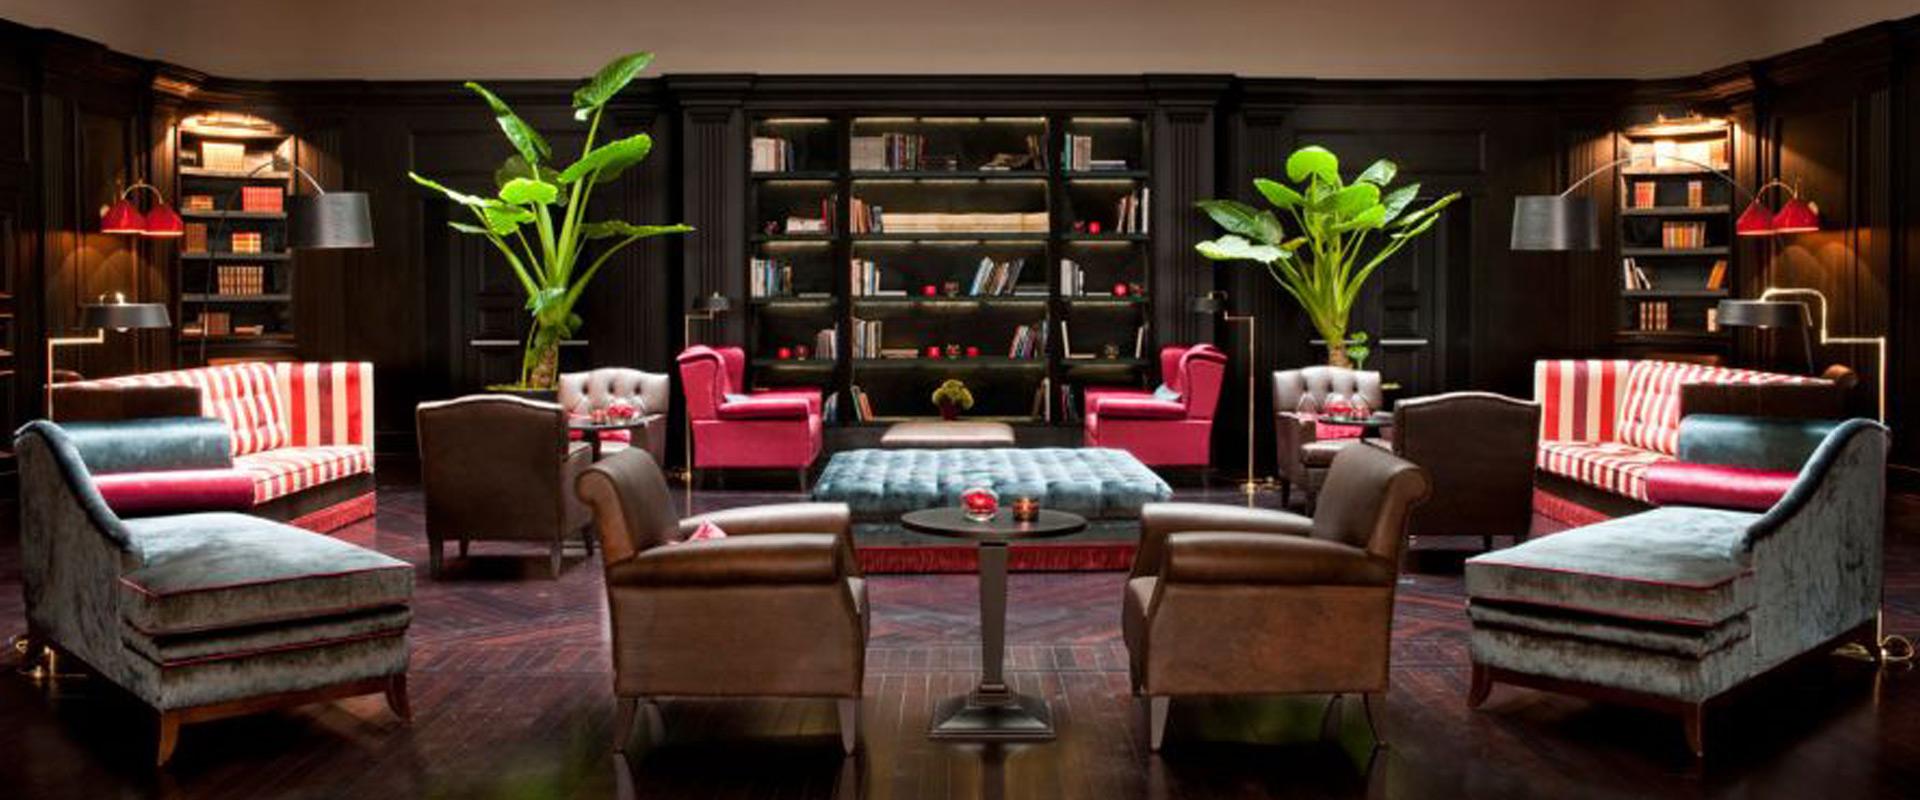 Ascoltiamo le vostre esigenze, le accogliamo e le sintetizziamo in un progetto di interior design chiaro, concreto ed emozionale. Arredo Design Arredamenti Su Misura Arredo Umbria